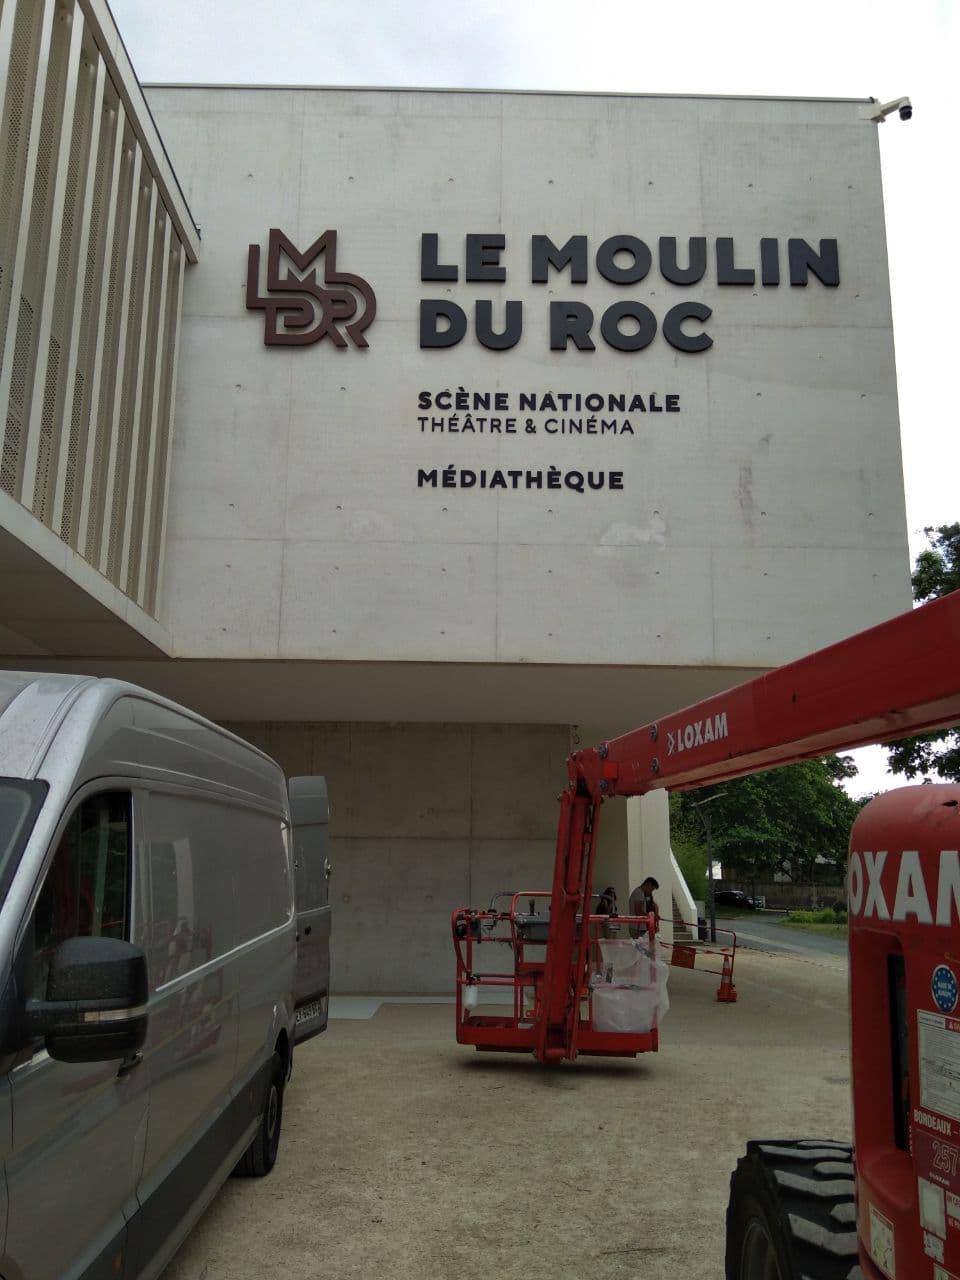 Pose Le Moulin du Roc Loxam